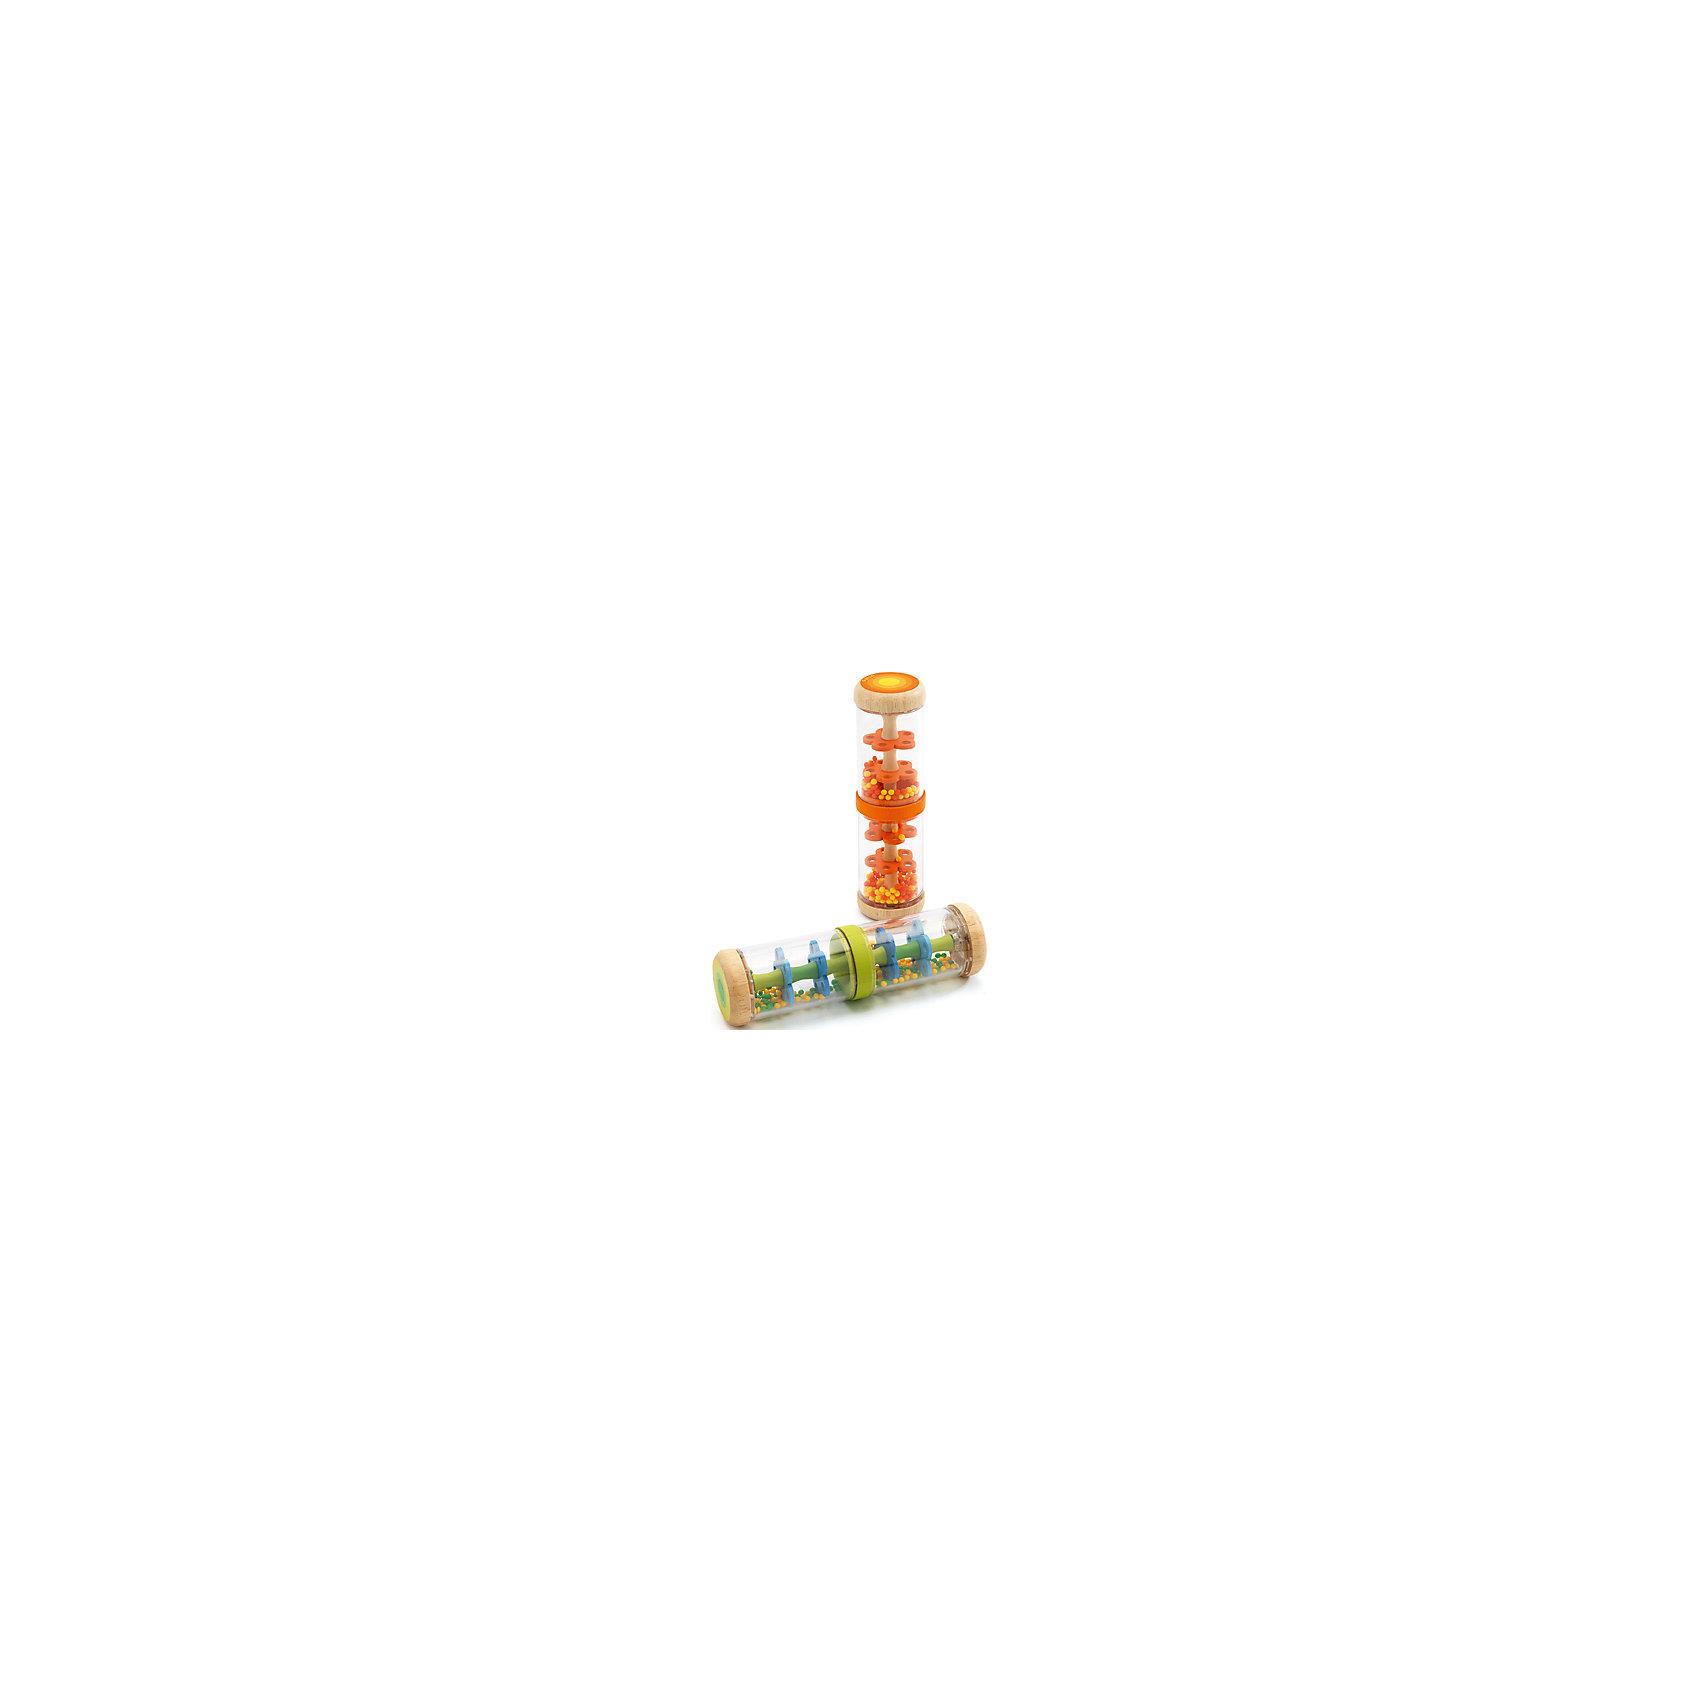 Погремушка «Шум дождя» зеленая, DJECOПогремушки<br>Оригинальная погремушка Шум дождя, Djeco (Джеко), станет любимой игрушкой Вашего малыша. Погремушка выполнена в виде удлиненной прозрачной колбы. Внутри корпуса - яркие зеленые и желтые шарики, которые с приятным потрескиванием перекатываются из одной стороны в другую, создавая эффект шумя дождя. Игрушка выполнена из высококачественных и экологически чистых материалов. Обладает успокаивающим свойством и поможет Вашему малышу быстрее заснуть.<br><br>Дополнительная информация:<br><br>- Цвет: зеленый.<br>- Материал: дерево, пластик.<br>- Размер упаковки: 5,5 х 6,5 х 20 см.<br>- Вес: 0,2 кг.<br><br>Погремушку Шум дождя, зеленая, Djeco (Джеко), можно купить в нашем магазине.<br><br>Ширина мм: 70<br>Глубина мм: 50<br>Высота мм: 200<br>Вес г: 200<br>Возраст от месяцев: 12<br>Возраст до месяцев: 48<br>Пол: Унисекс<br>Возраст: Детский<br>SKU: 4566297